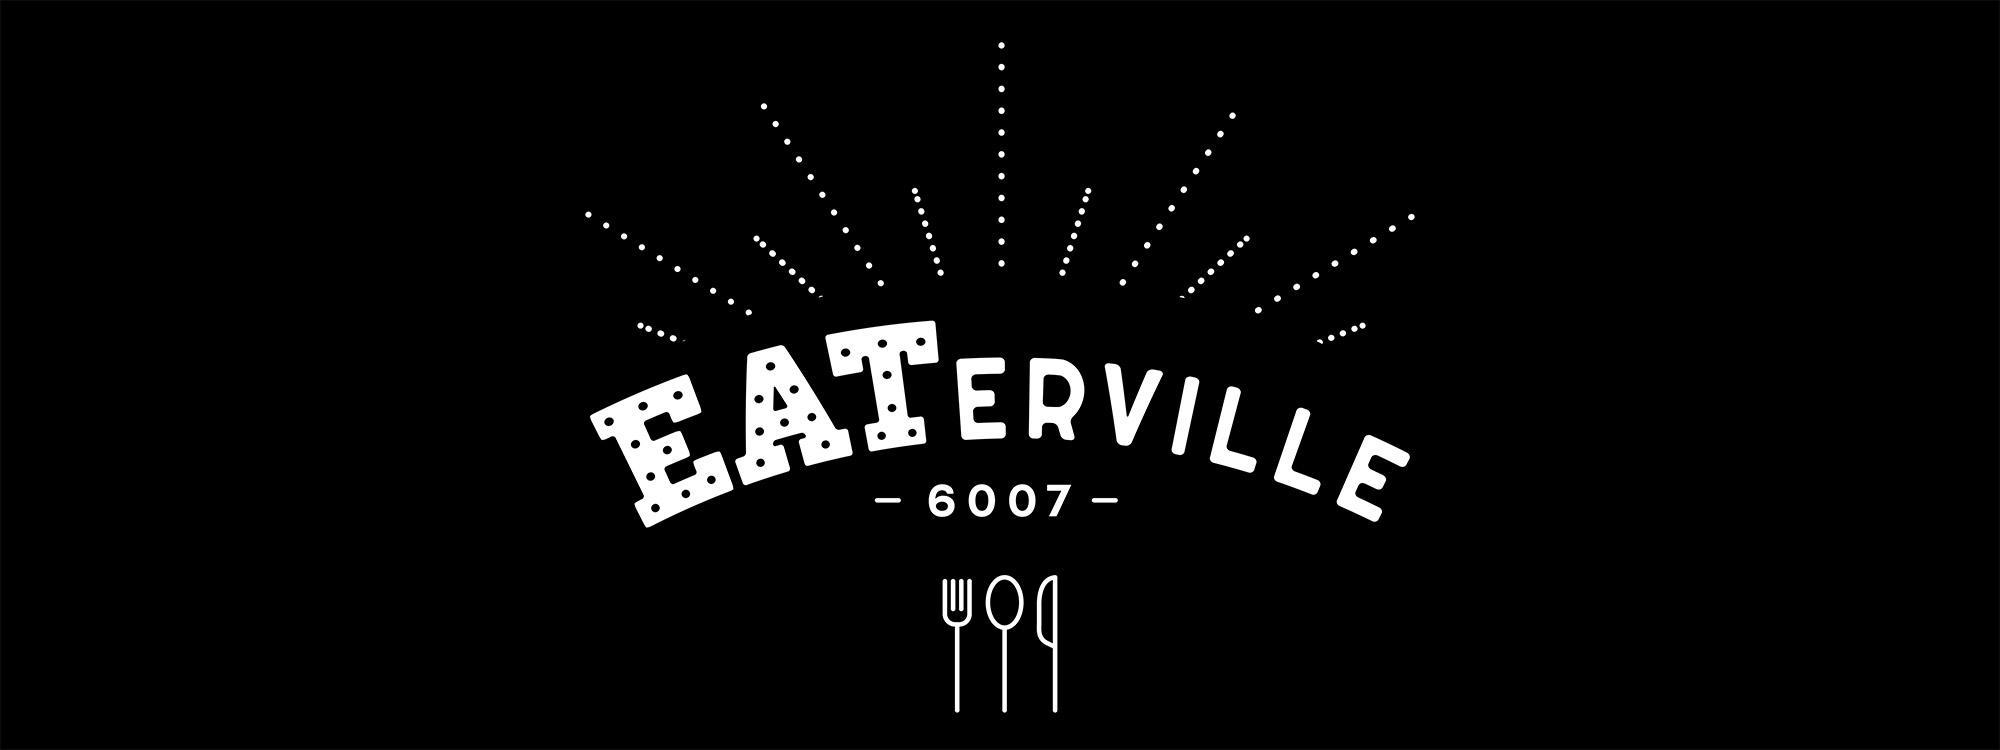 Eaterrville-BG